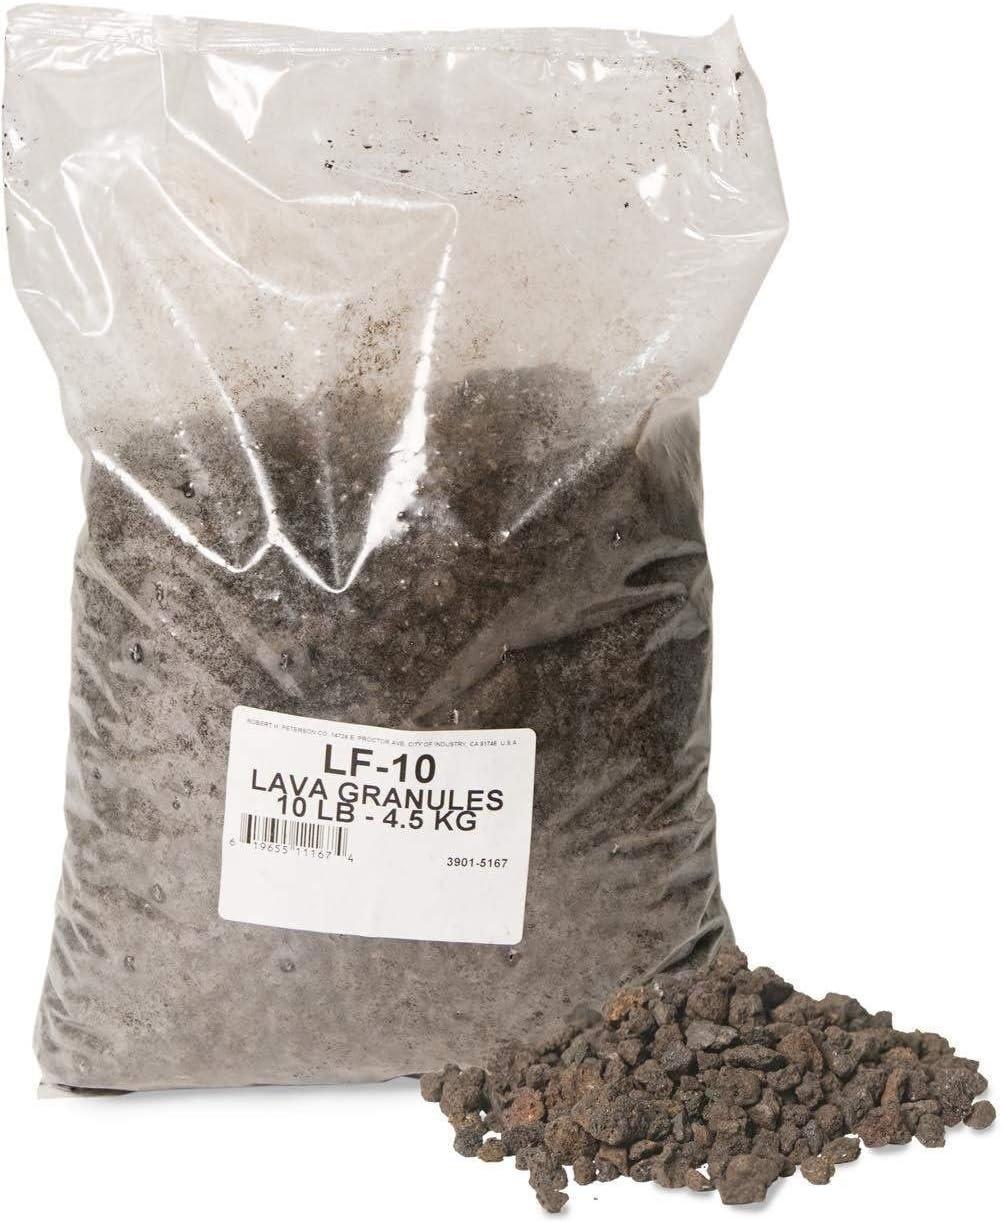 LF-10 10 pounds Real Fyre Lava-Fyre Granules RH Peterson Co